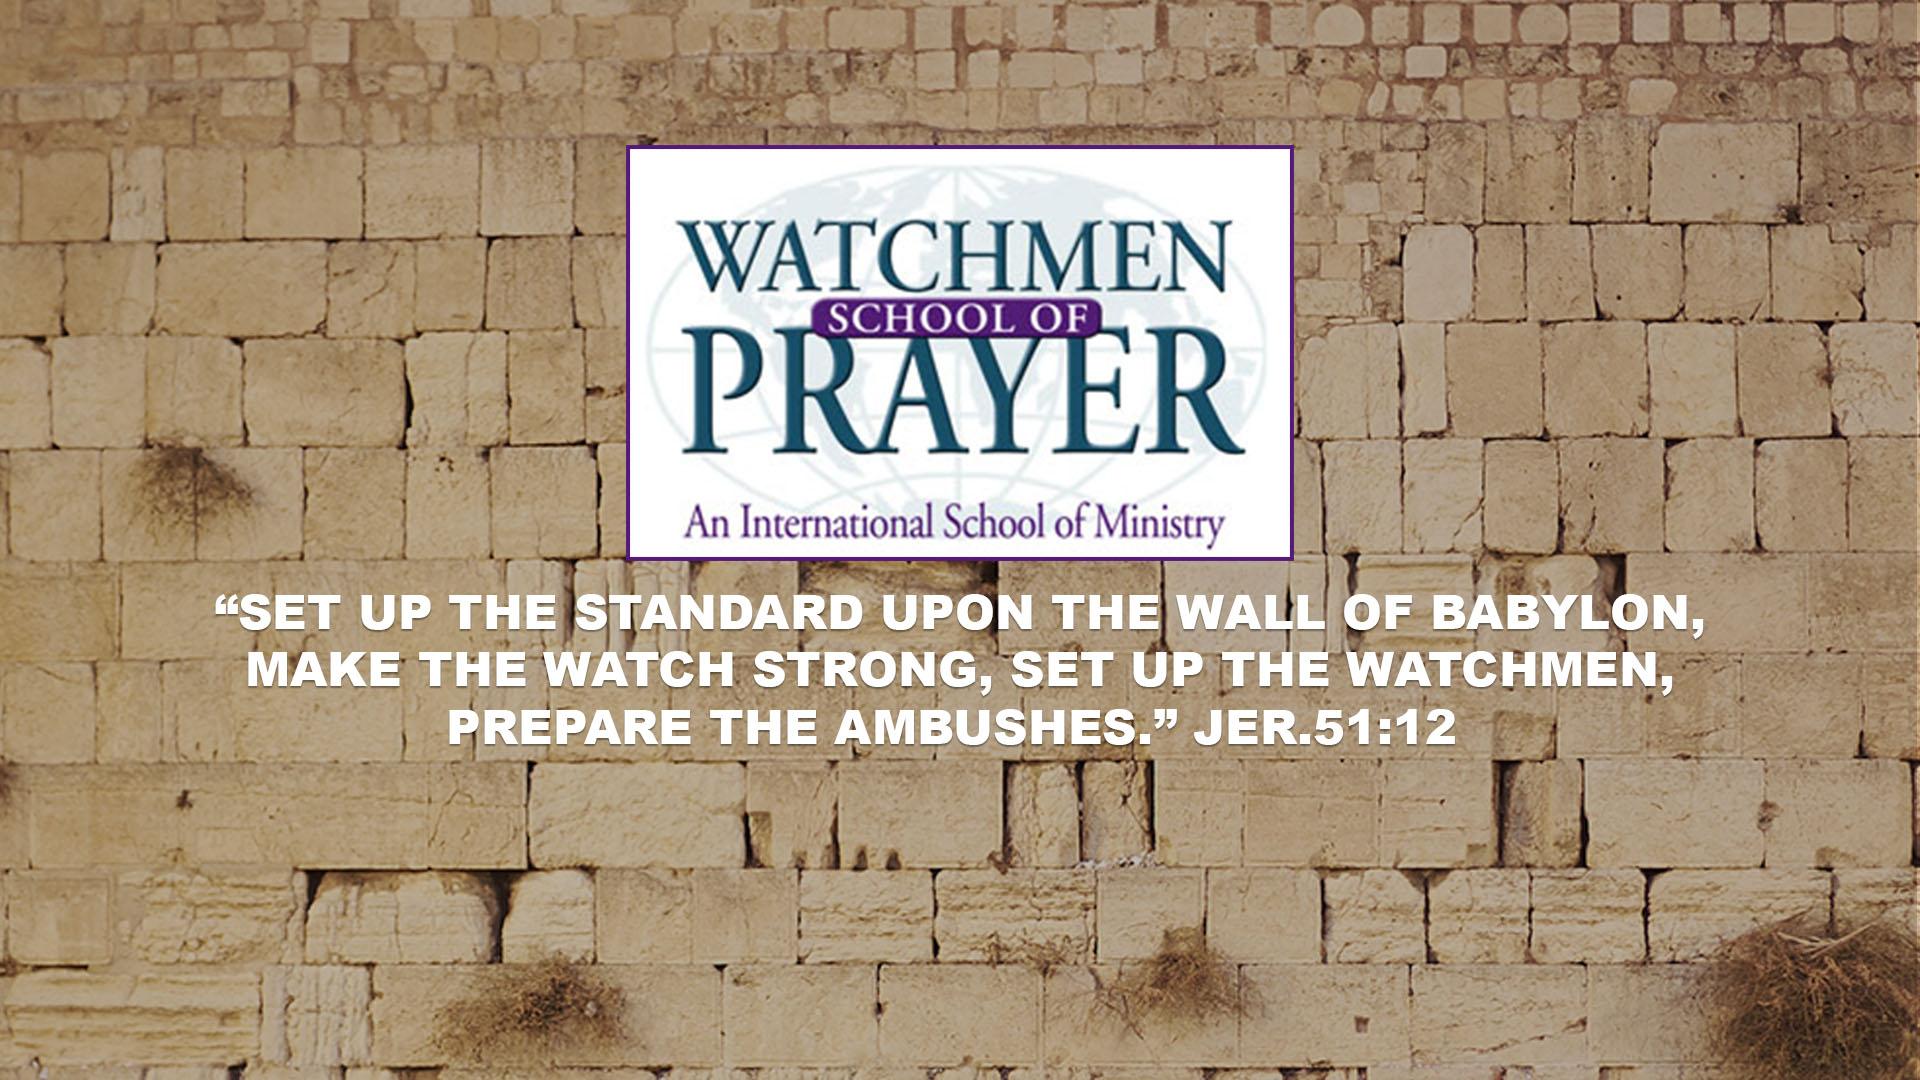 Watchmen School of Prayer